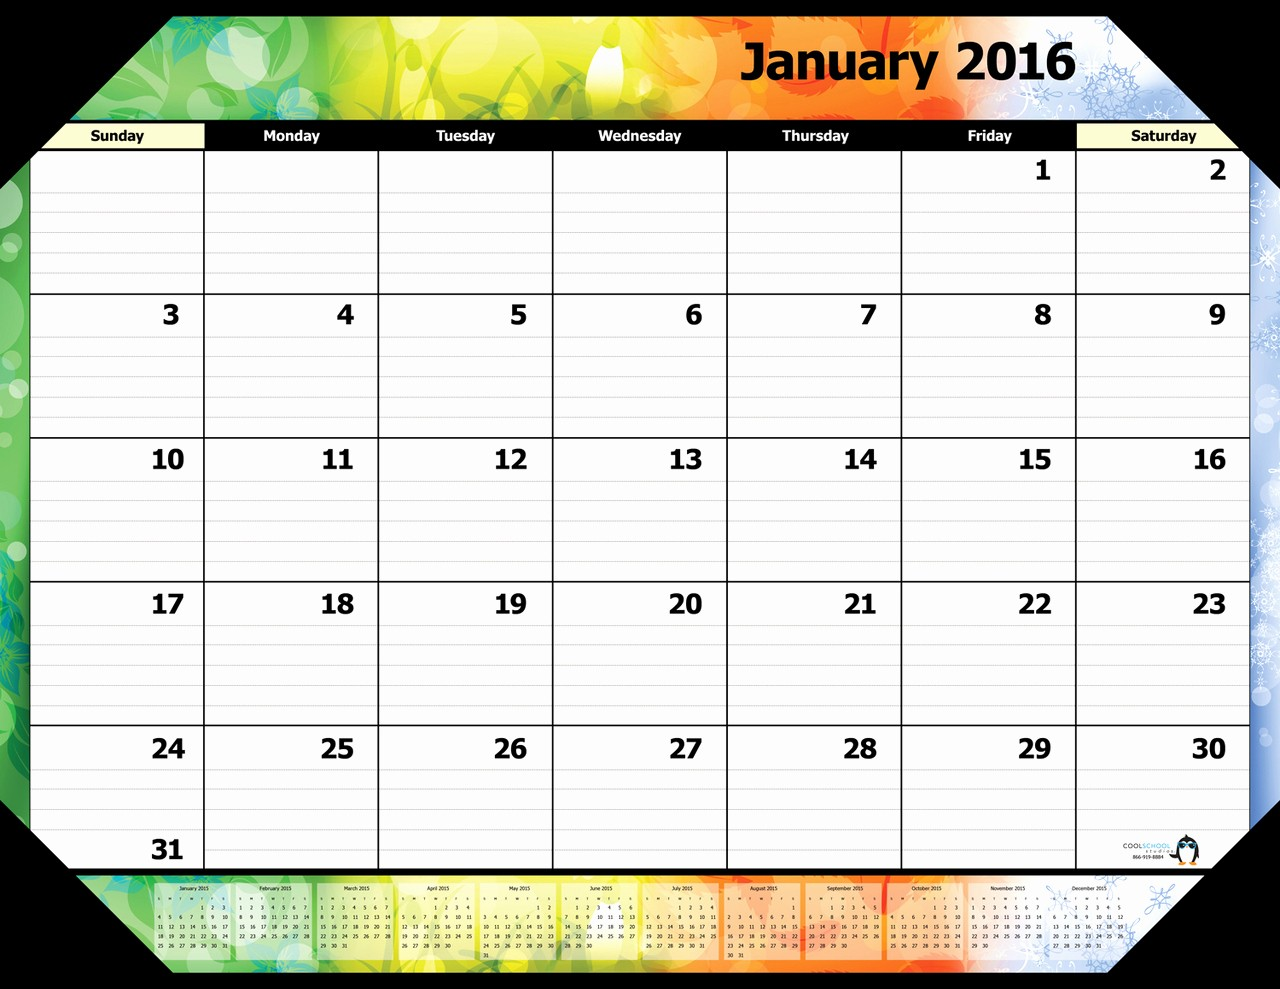 January 2016 Calendar Template Word Beautiful January 2016 Calendar Word – 2017 Printable Calendar